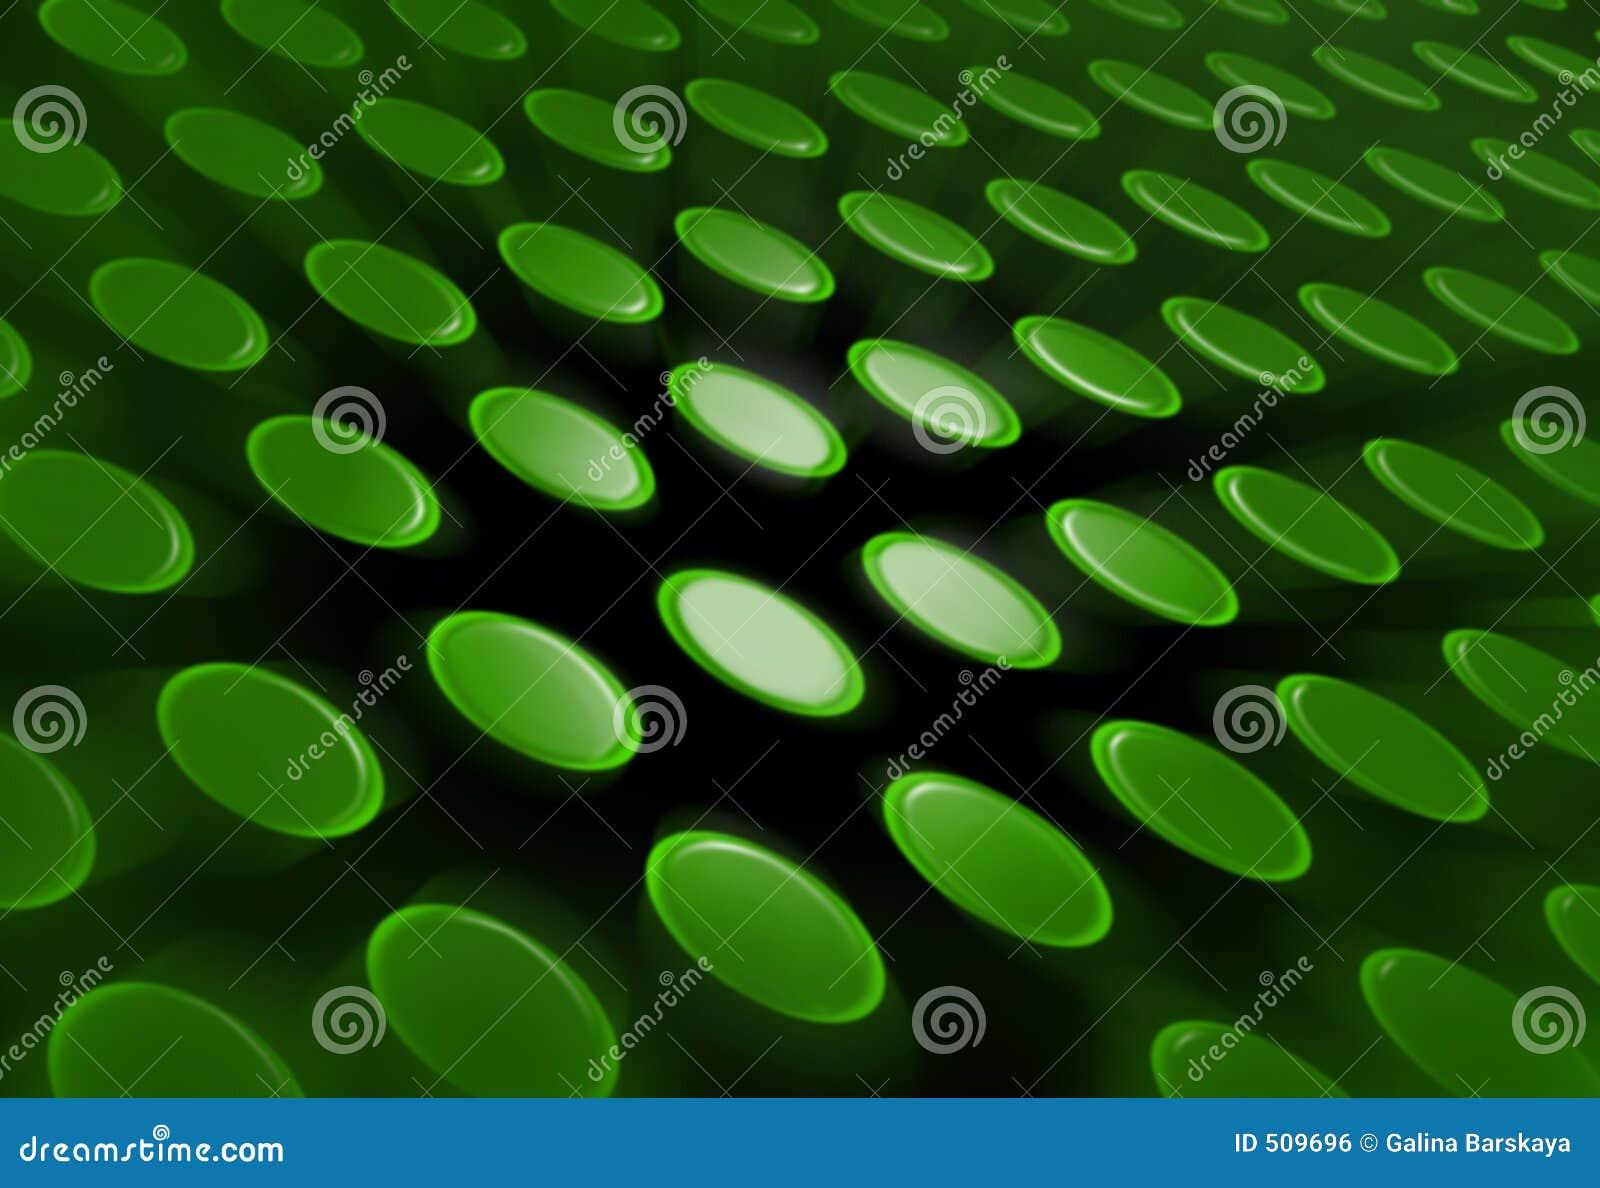 Abstrakt bakgrund buttons green